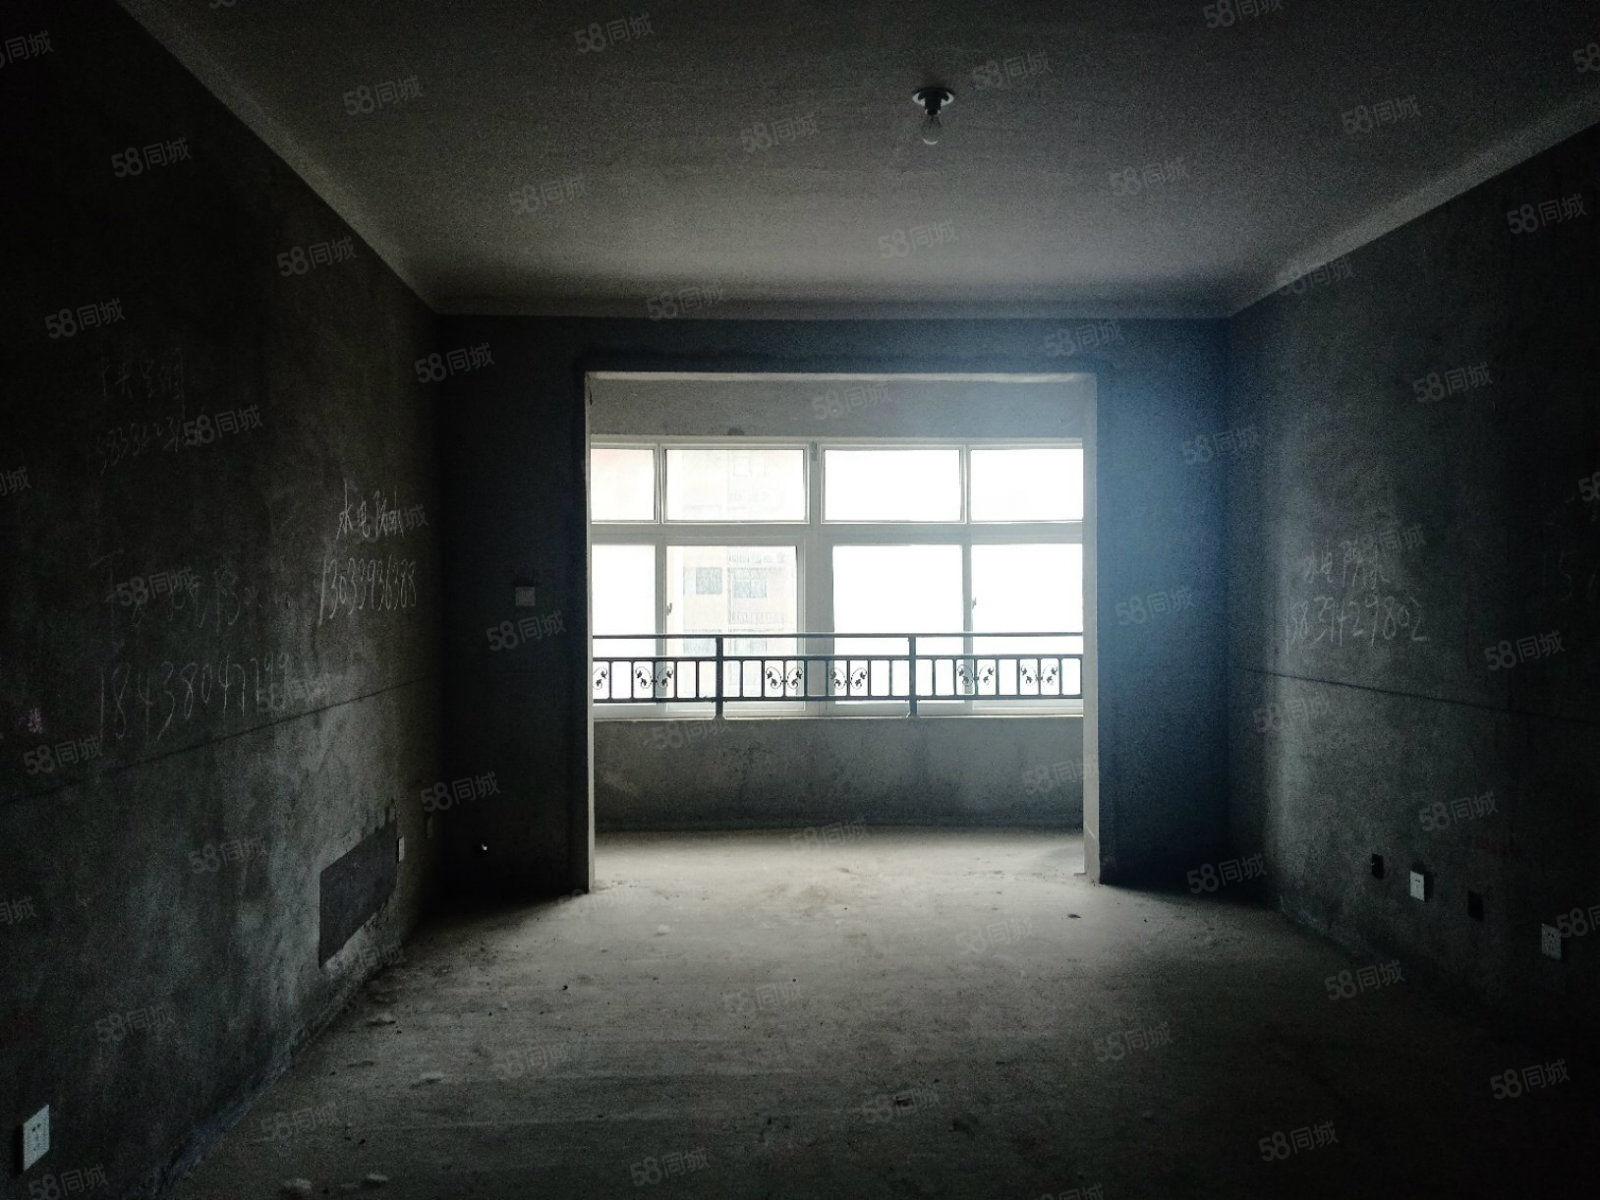 急售毛坯大三房纯南户型两卧朝南客厅朝南有证可按揭